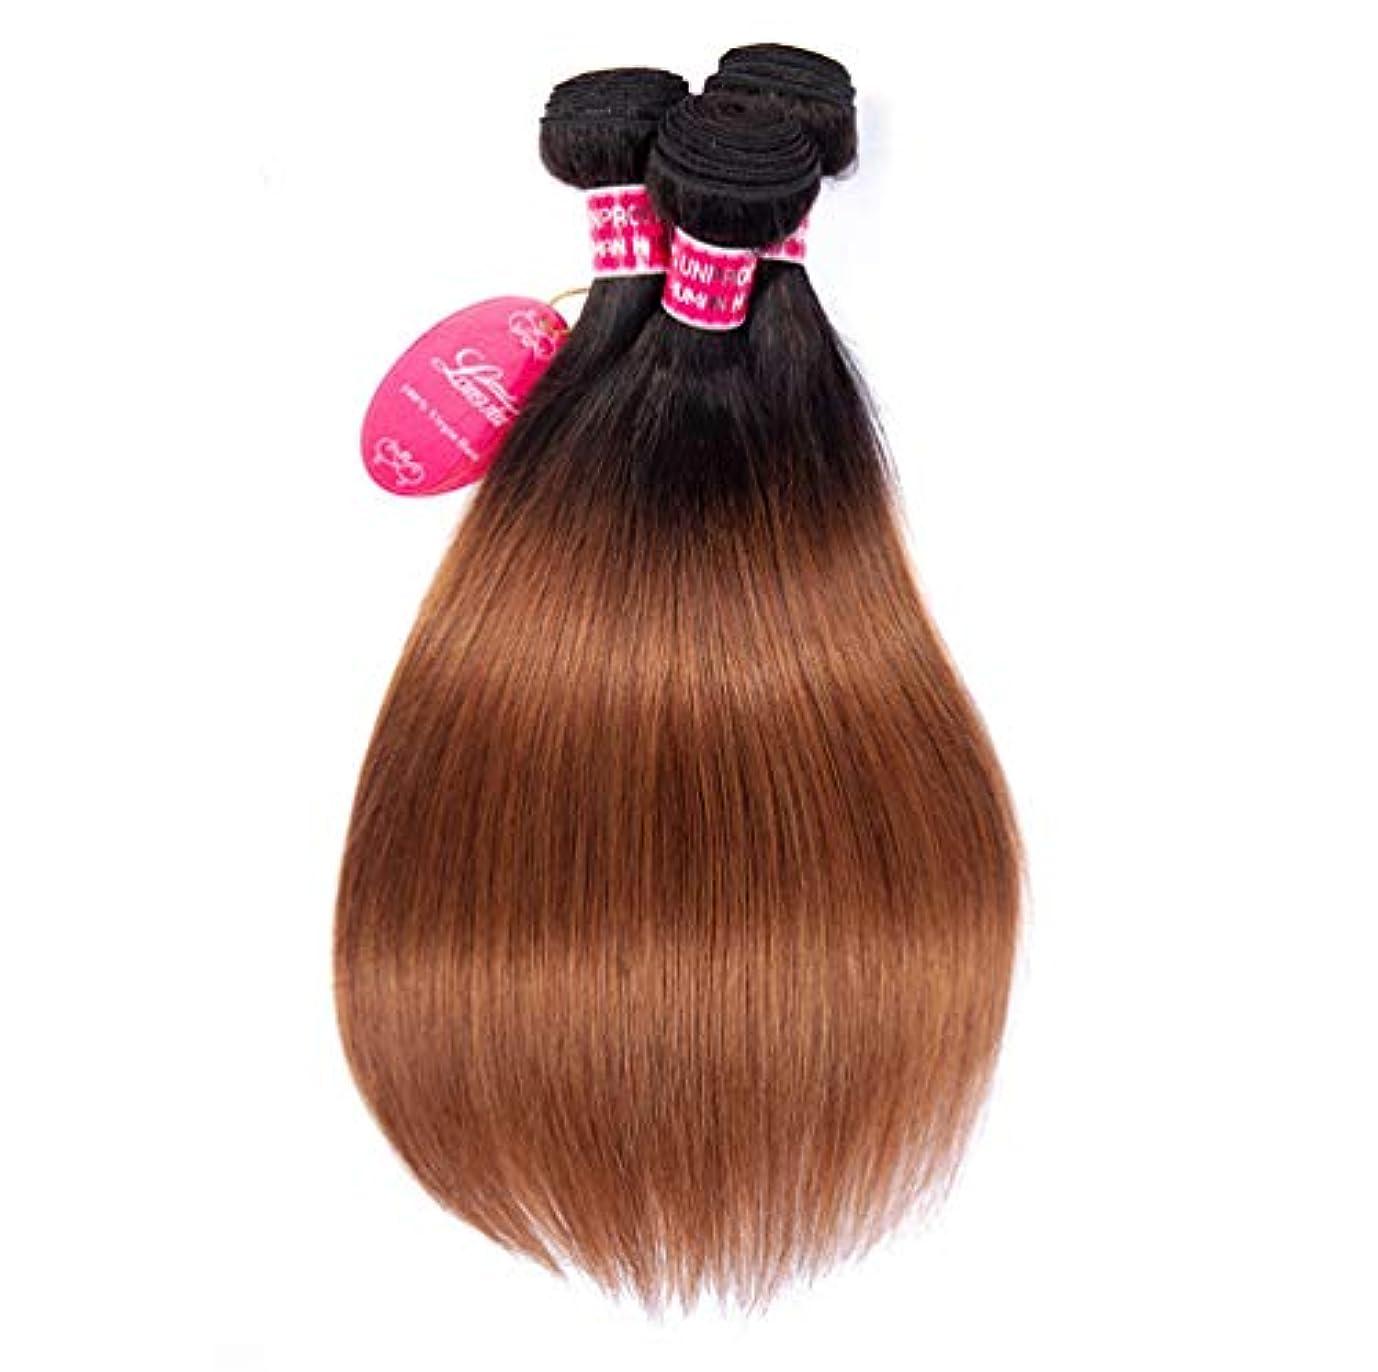 に向けて出発雑品失業者女性ブラジルのストレート人間の髪未処理のブラジルのバージンヘア人毛100%横糸自然織りバンドル(3バンドル)